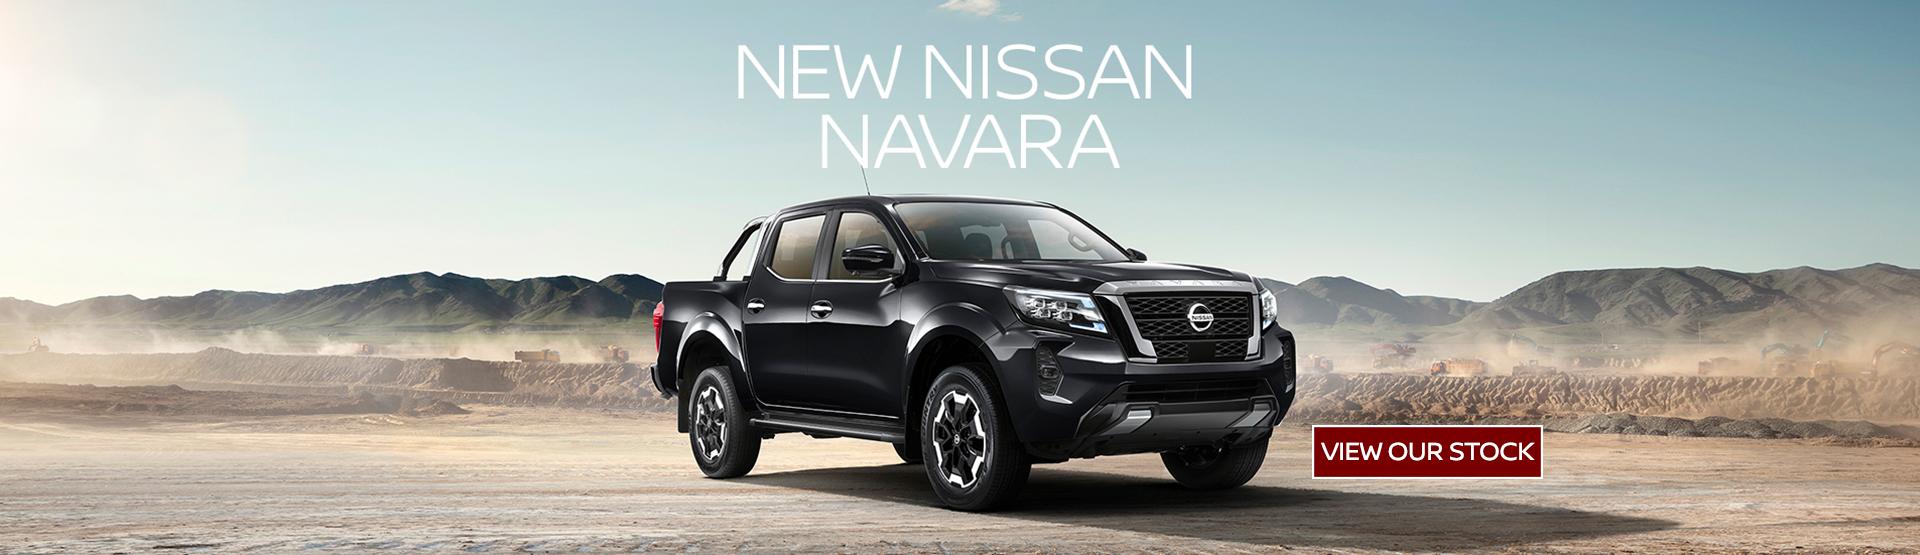 New Navara